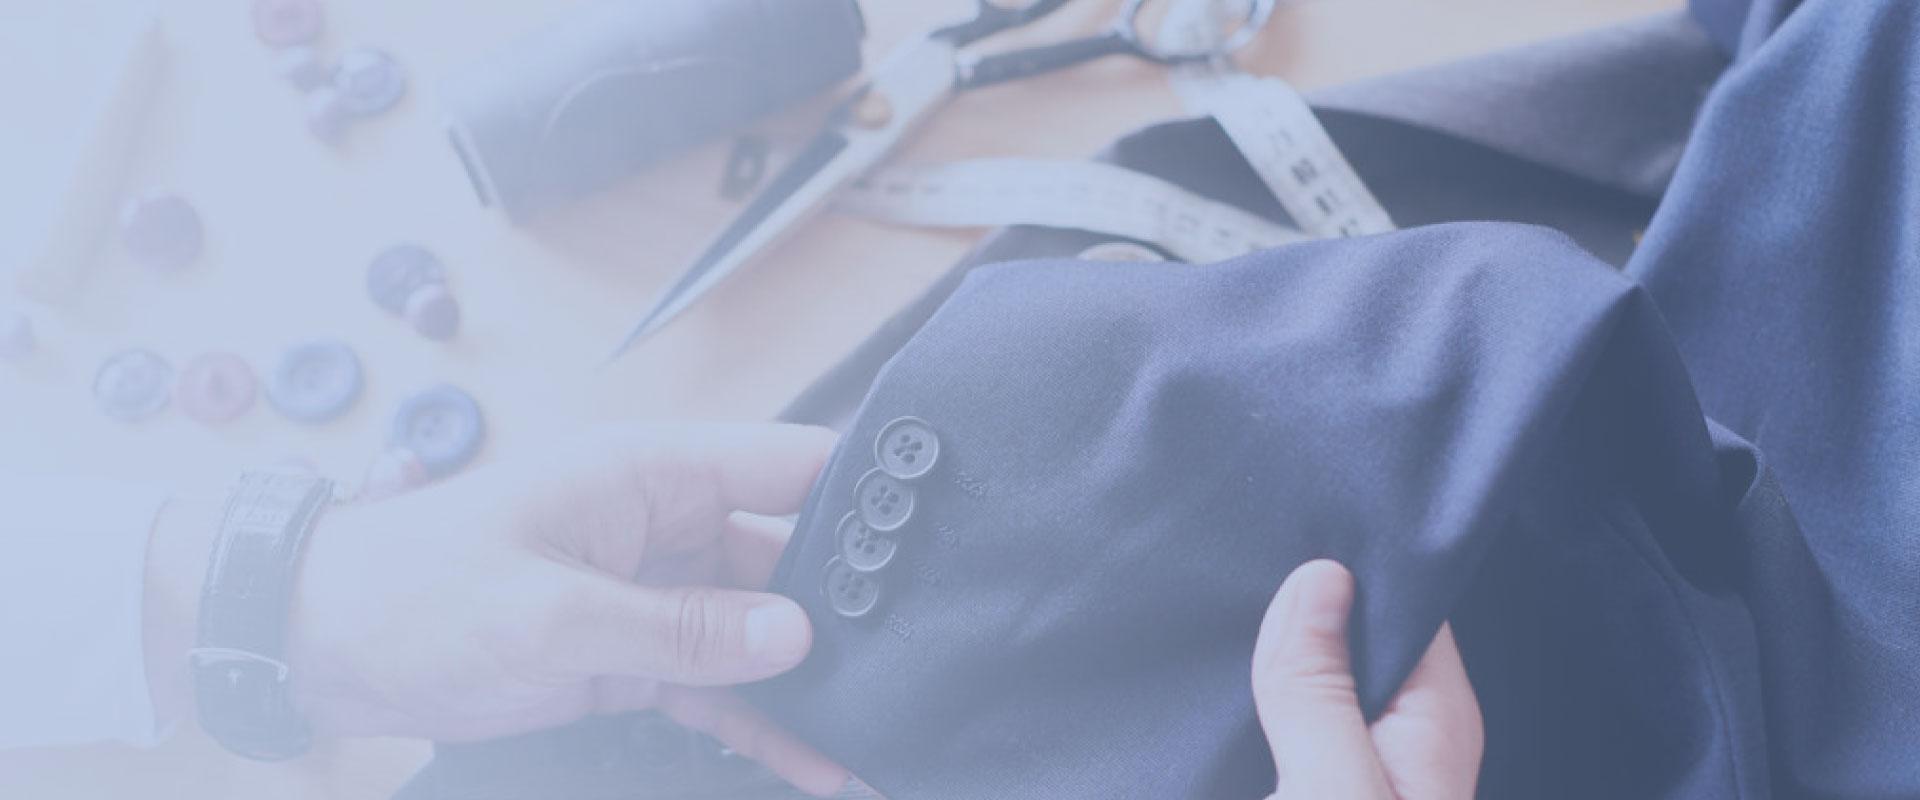 Corso di Abbigliamento Sartoria Uomo | ITS Campania Moda